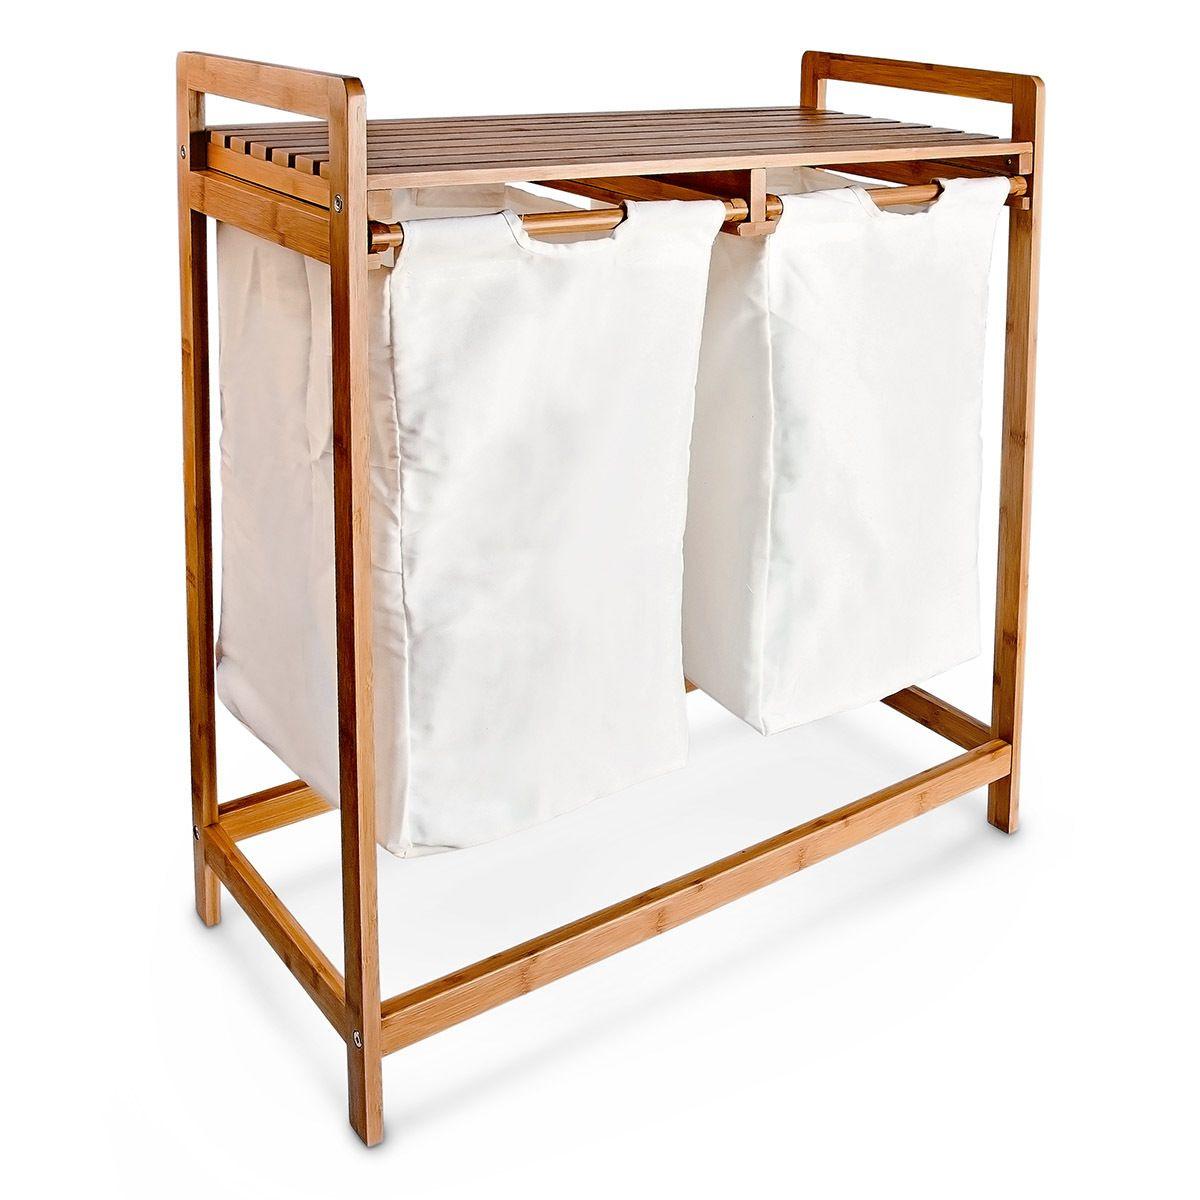 die besten 10 ideen zu w schesammler auf pinterest. Black Bedroom Furniture Sets. Home Design Ideas